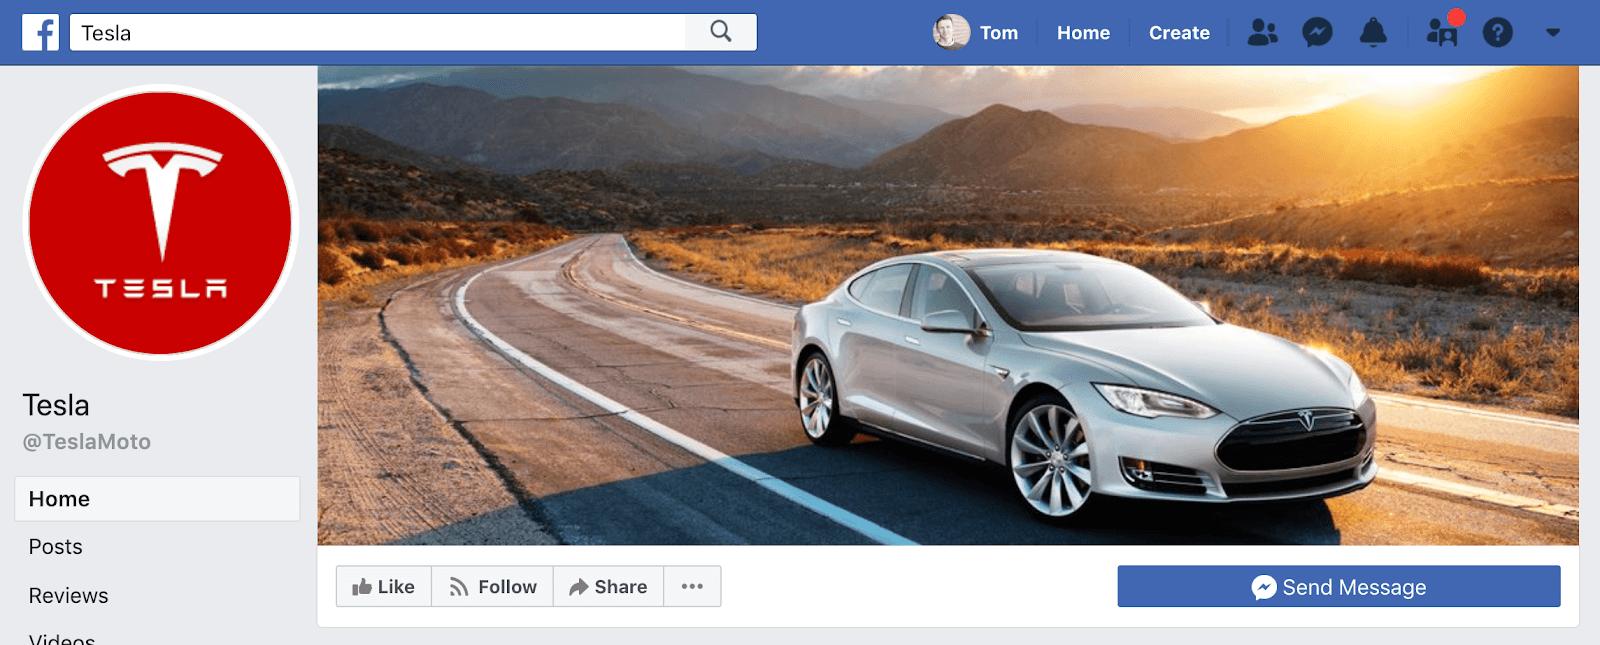 Tesla Facebook Page